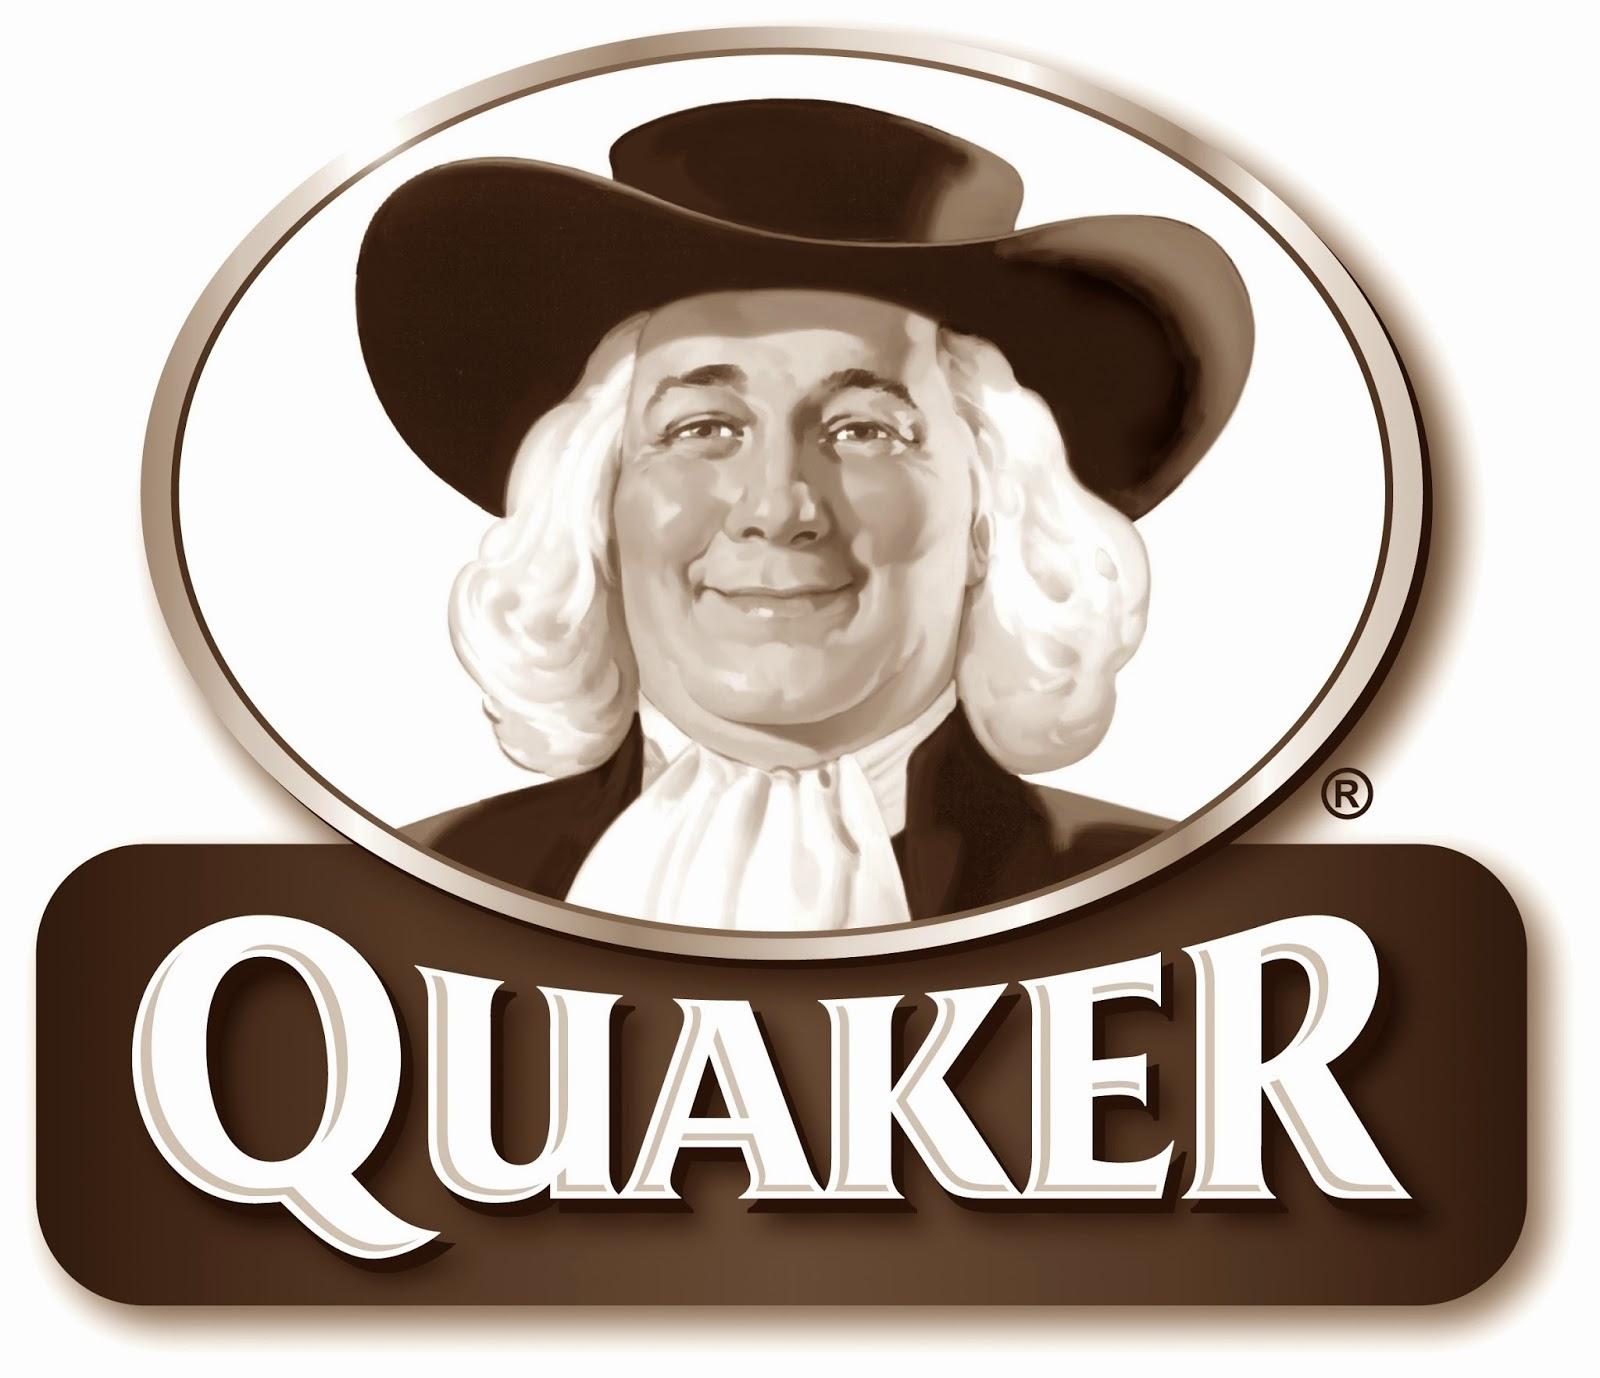 Os quakers como os pioneiros na prática da liberdade religiosa e individual na história da América e seu legado no mundo ocidental.